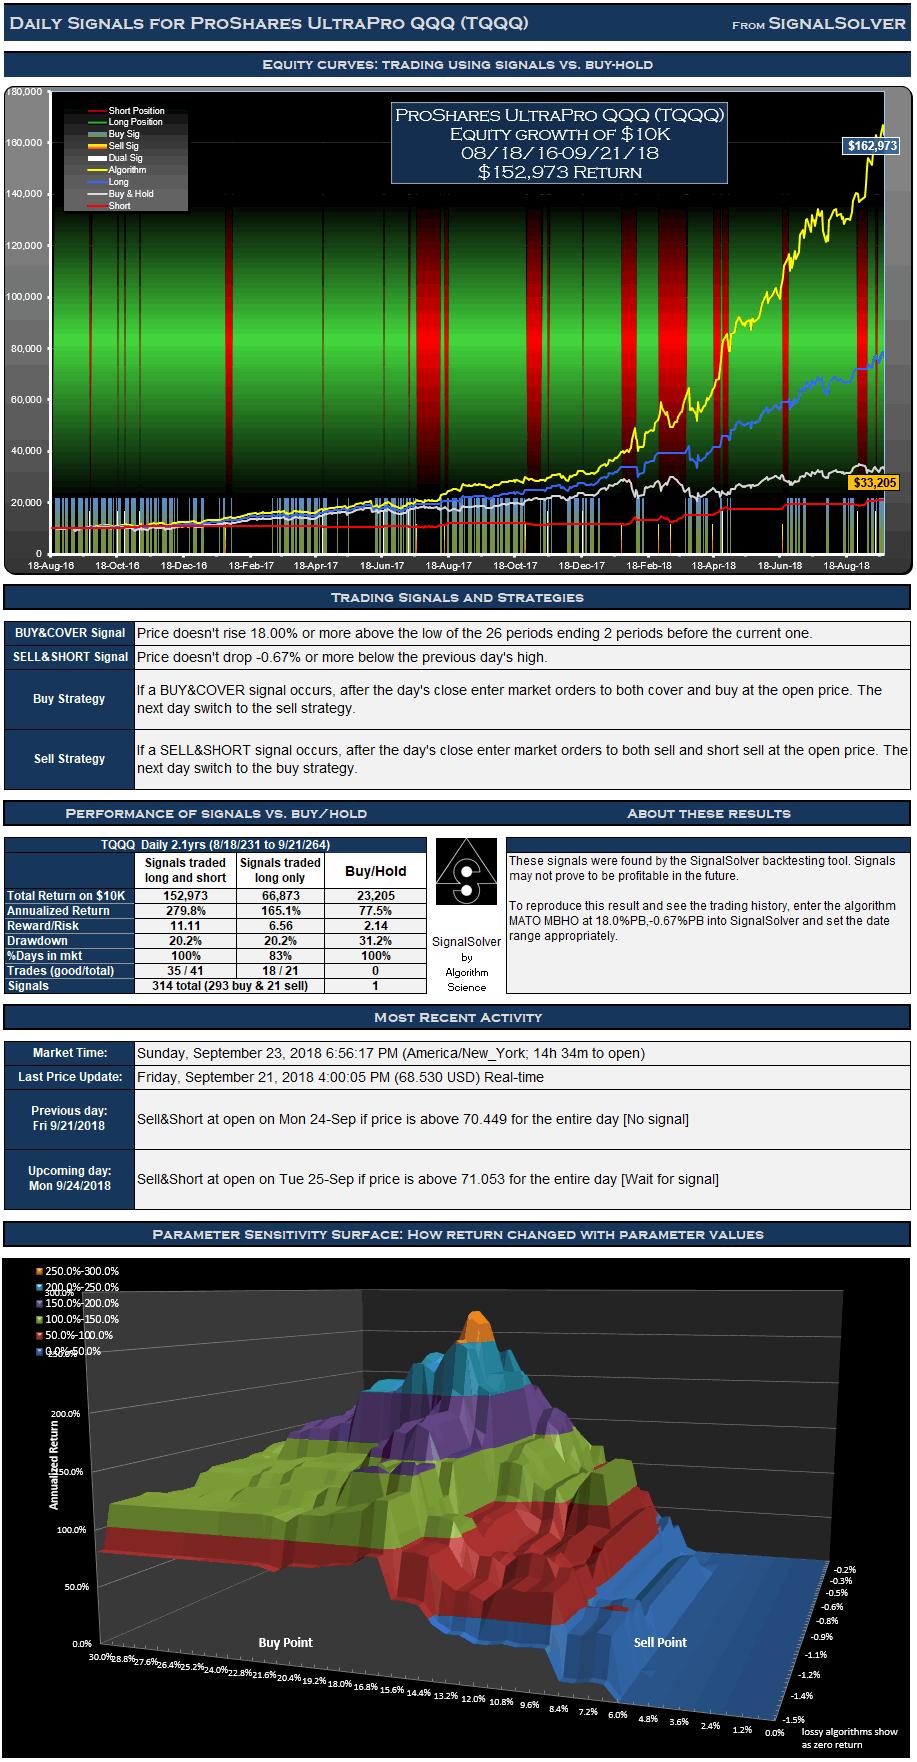 TQQQ Signals